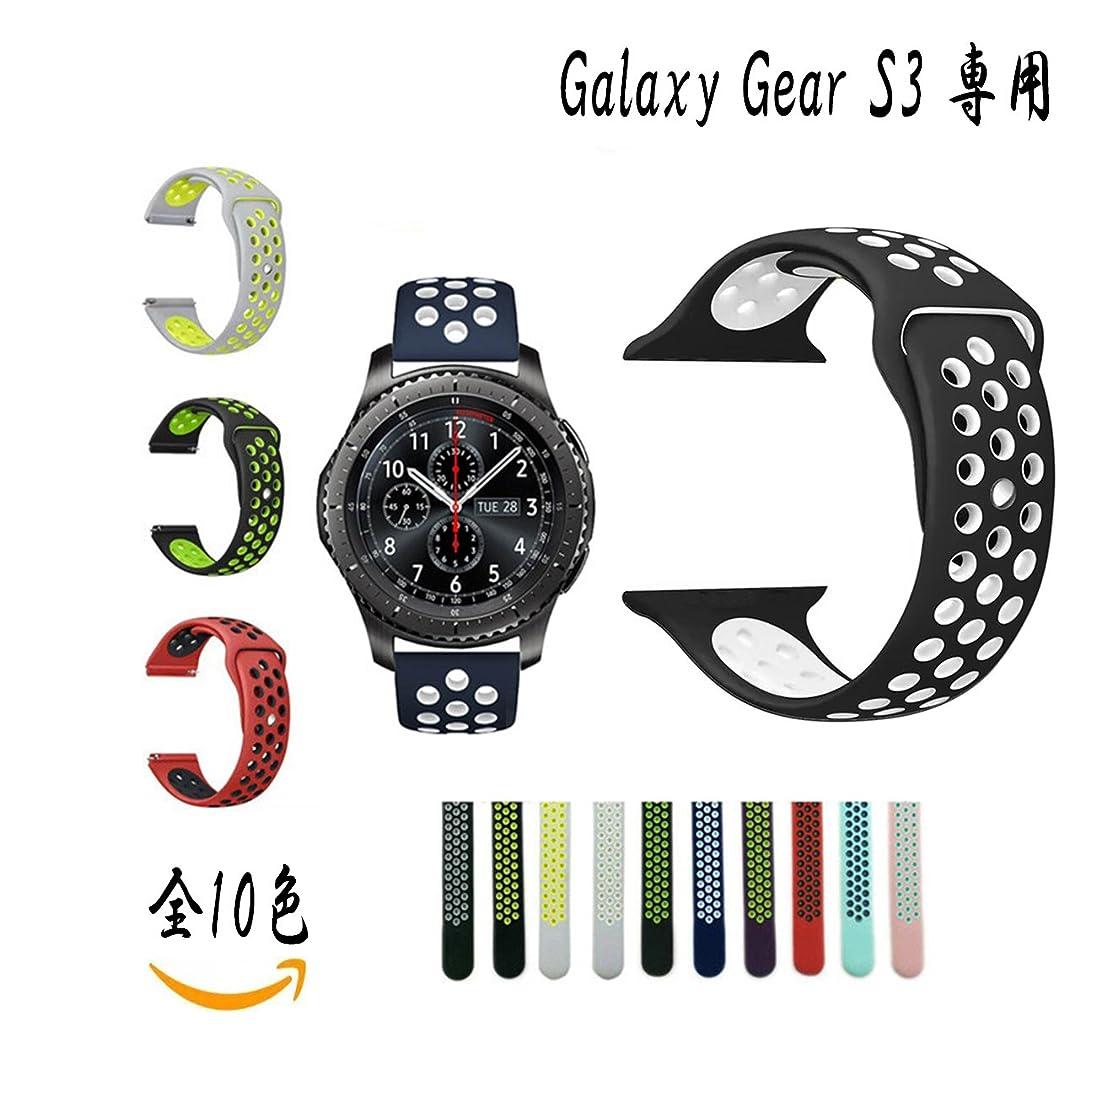 散髪ローン潜在的な【万屋】Galaxy Gear S3 スポーツバンド 全10色 高級シリコンバンド Galaxy Gear S3 に向け 専用スポーツバンド 通気 汚れ防止 水洗い可 Galaxy Gear S3 人気スポーツバンド (Galaxy Gear S3, ブラック+ホワイト)